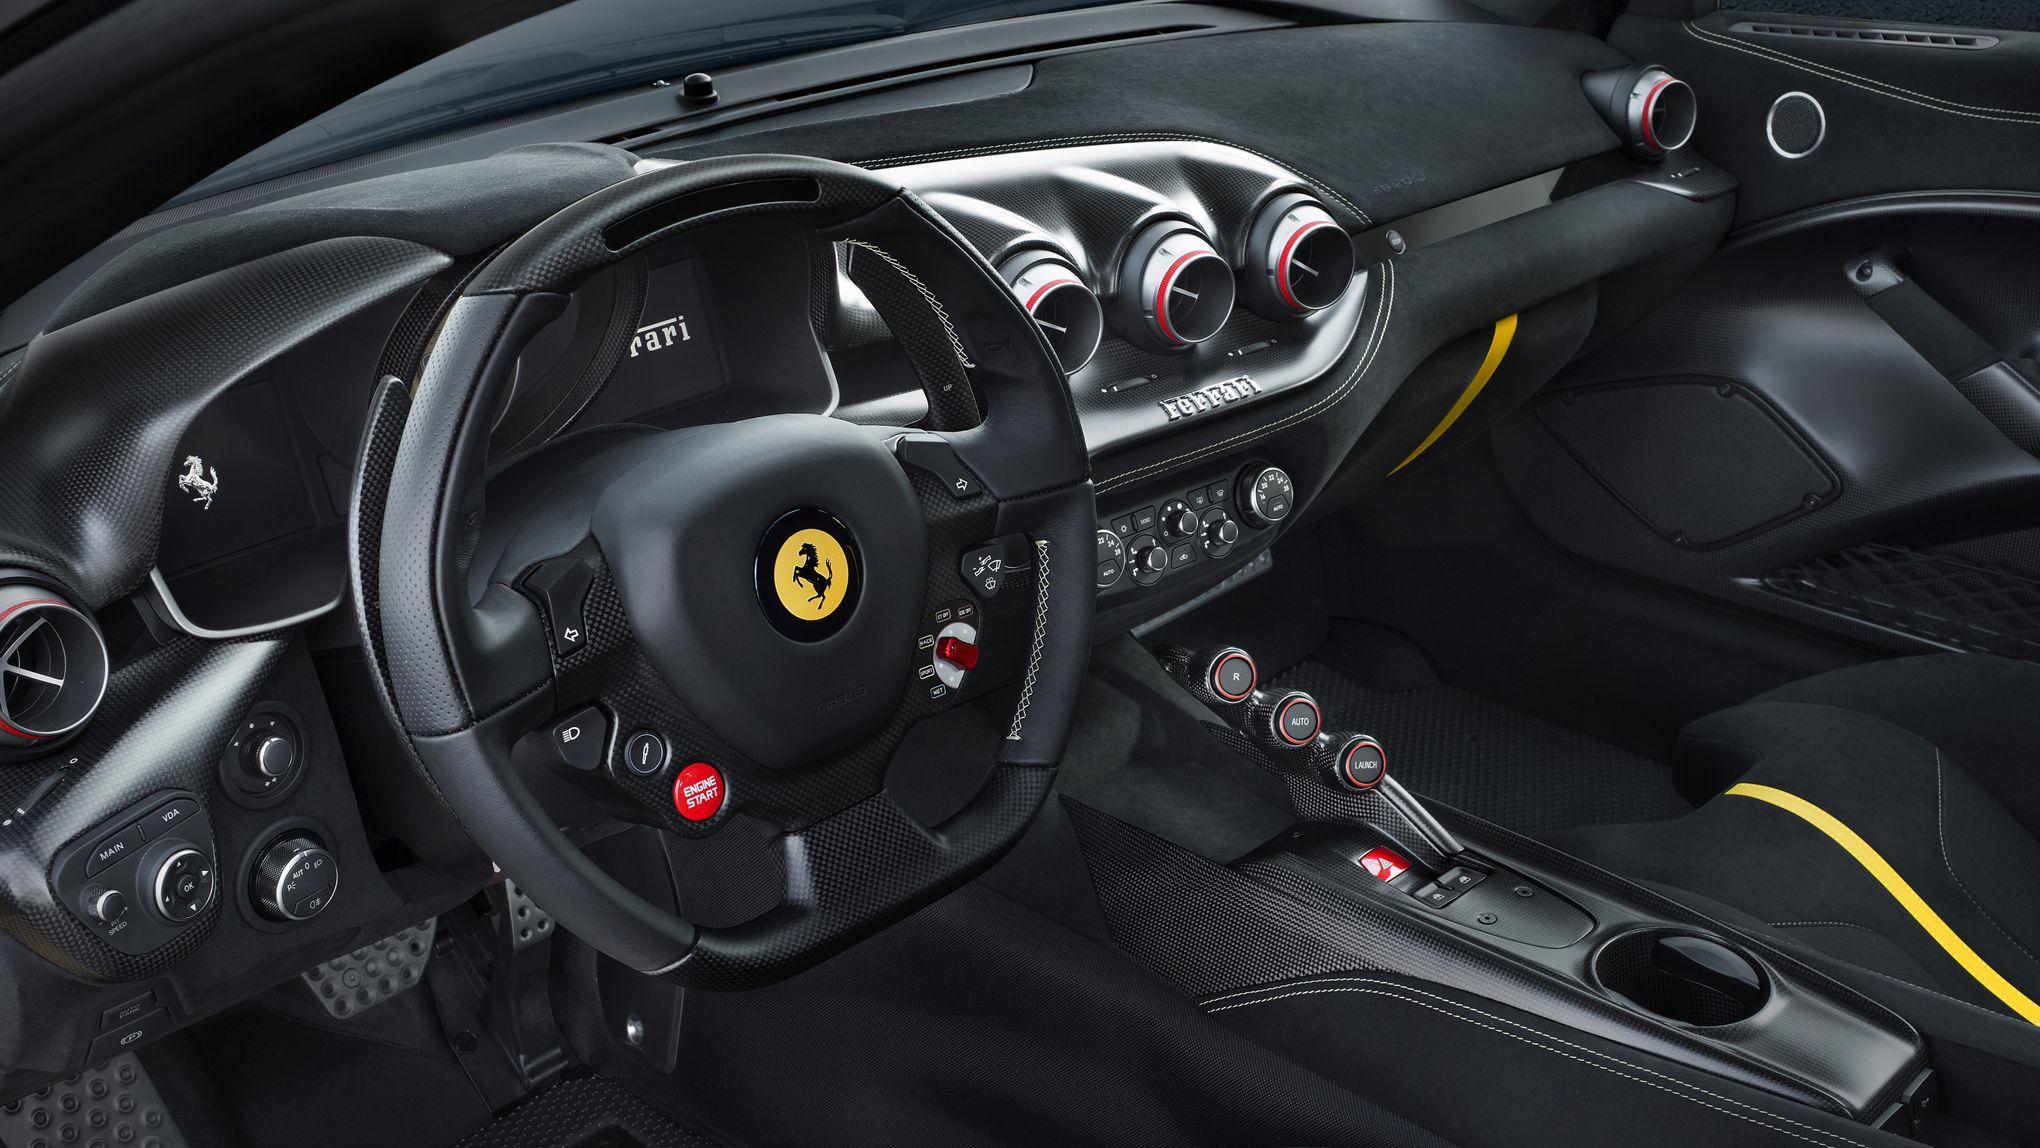 Ferrari F12 «tdf», une berlinette radicale 117f71a5c483